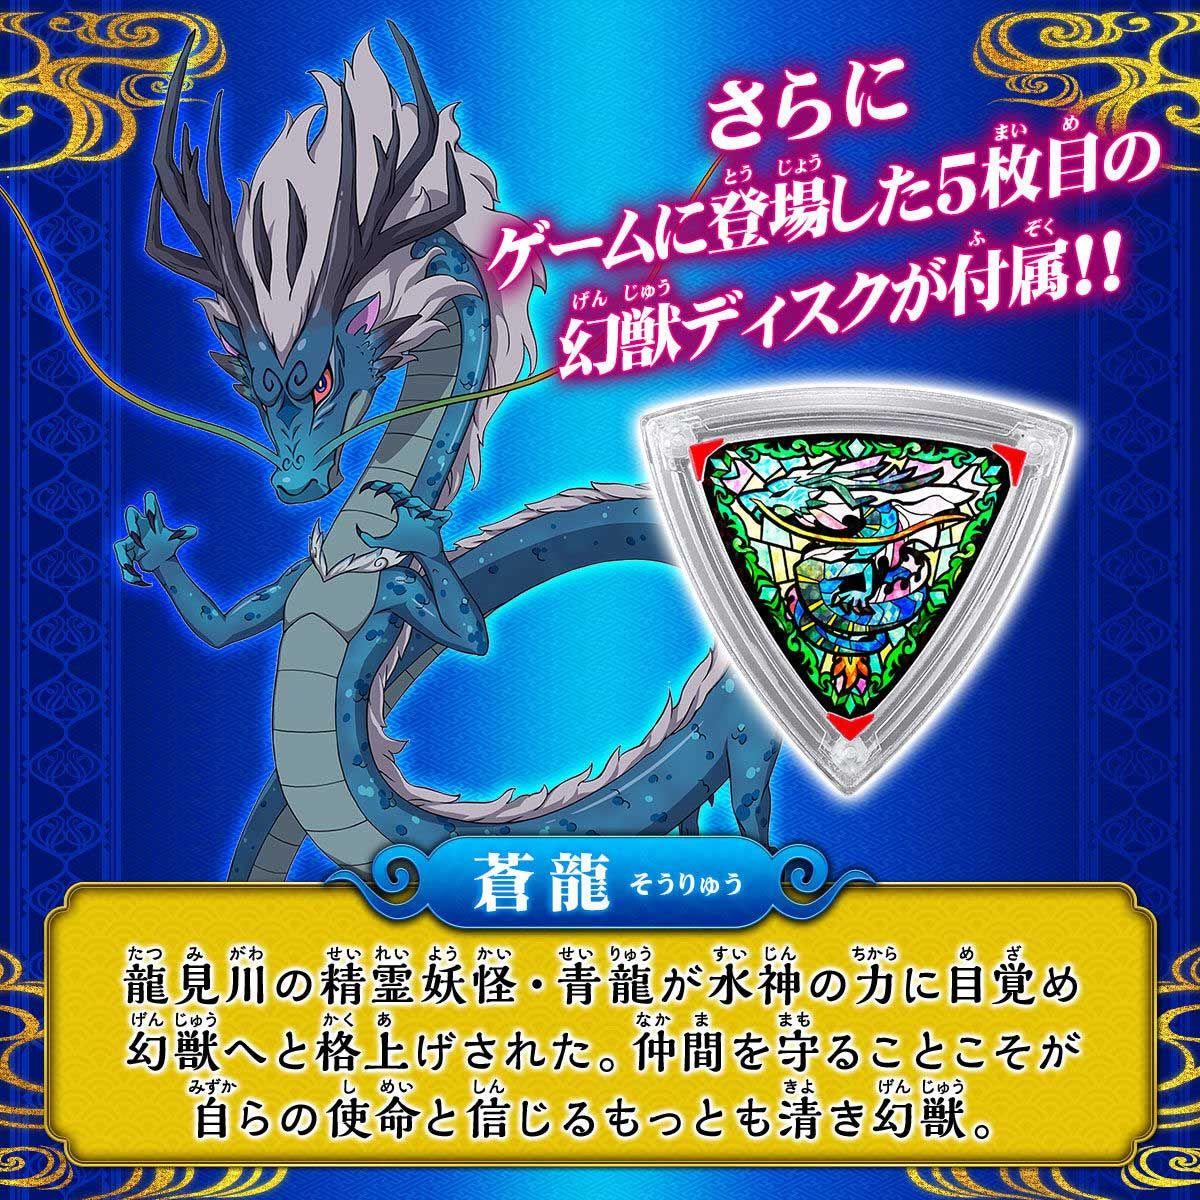 【限定販売】妖怪ウォッチ シャドウサイド『DX妖怪ウォッチアニマス』変身なりきり-005